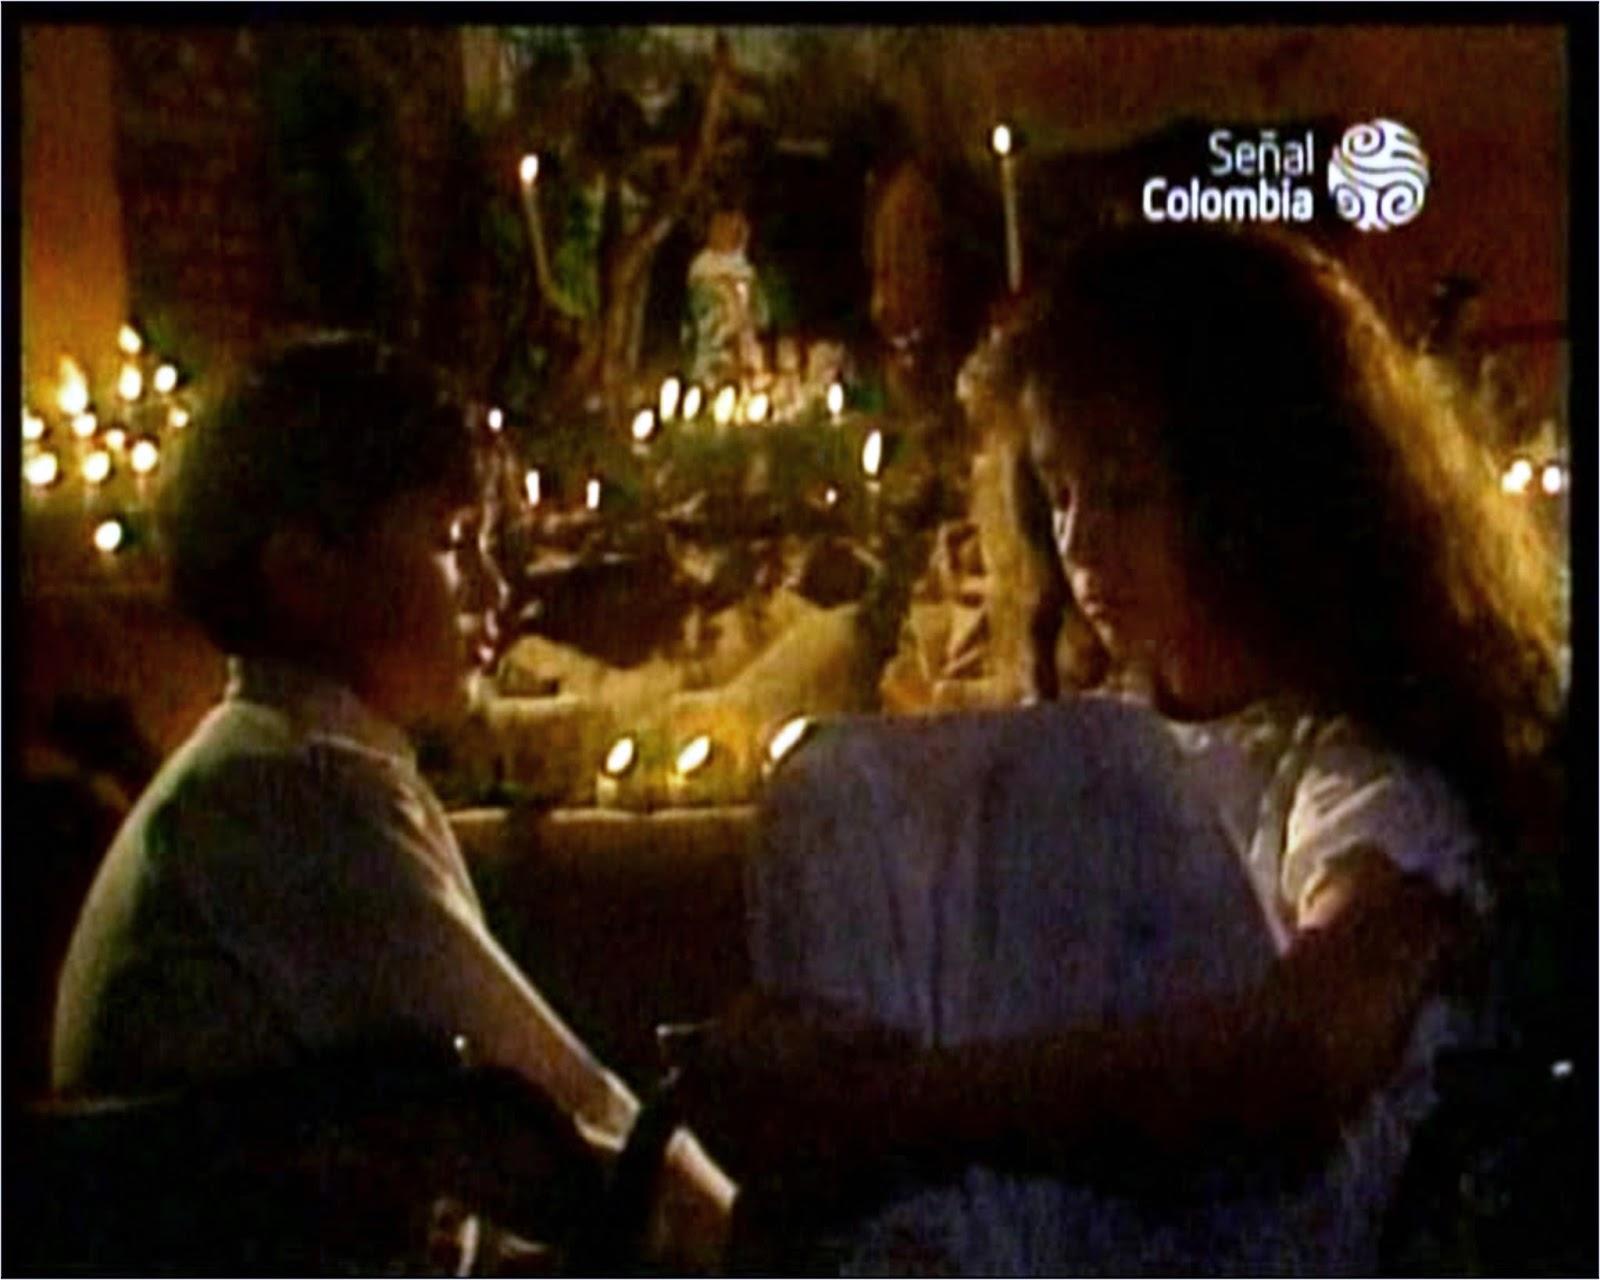 Danna García fotos..La Casa de las dos Palmas 1990 - Página 3 EVANGELINA+(DANNA+GARCIA+NI%C3%91A)+ZZD